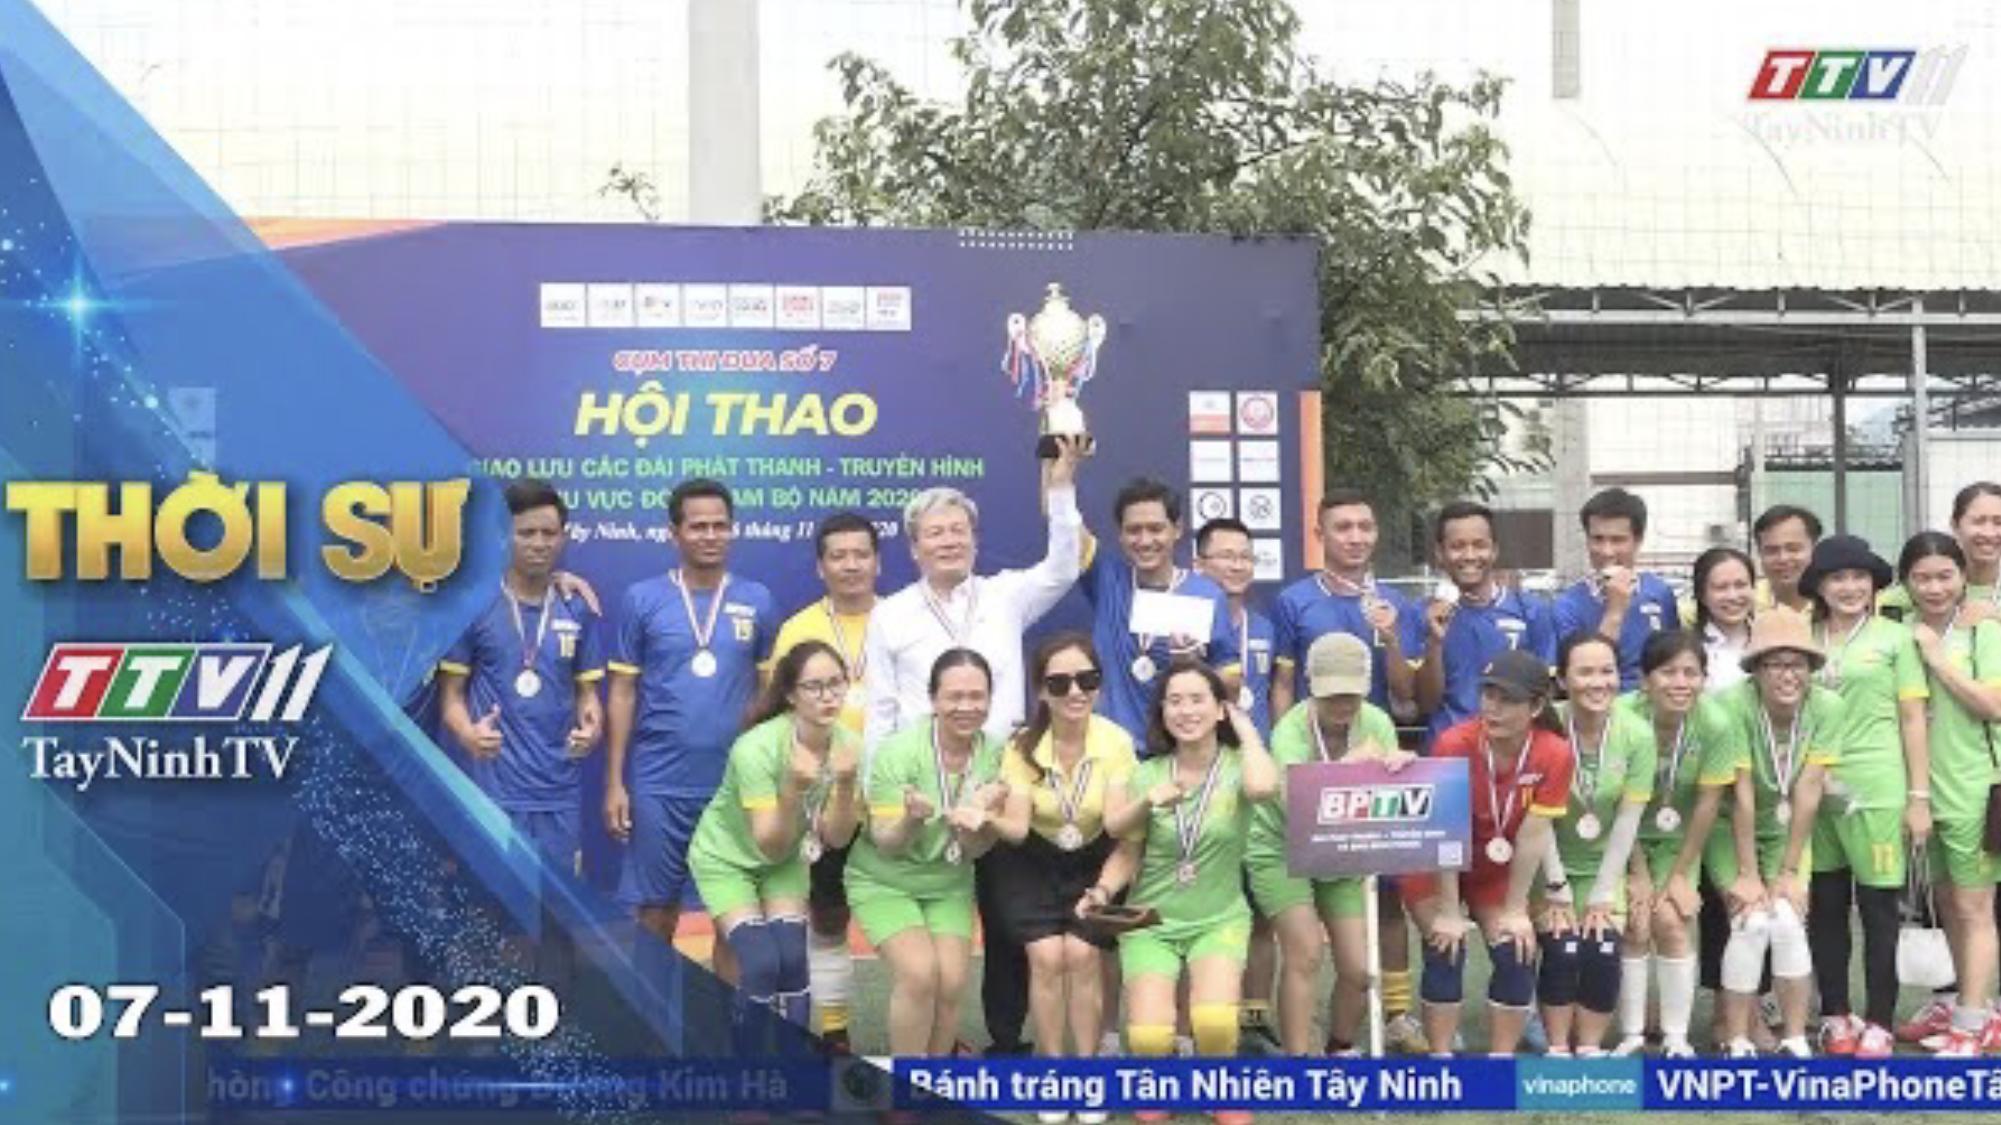 Thời sự Tây Ninh 07-11-2020 | Tin tức hôm nay | TayNinhTV